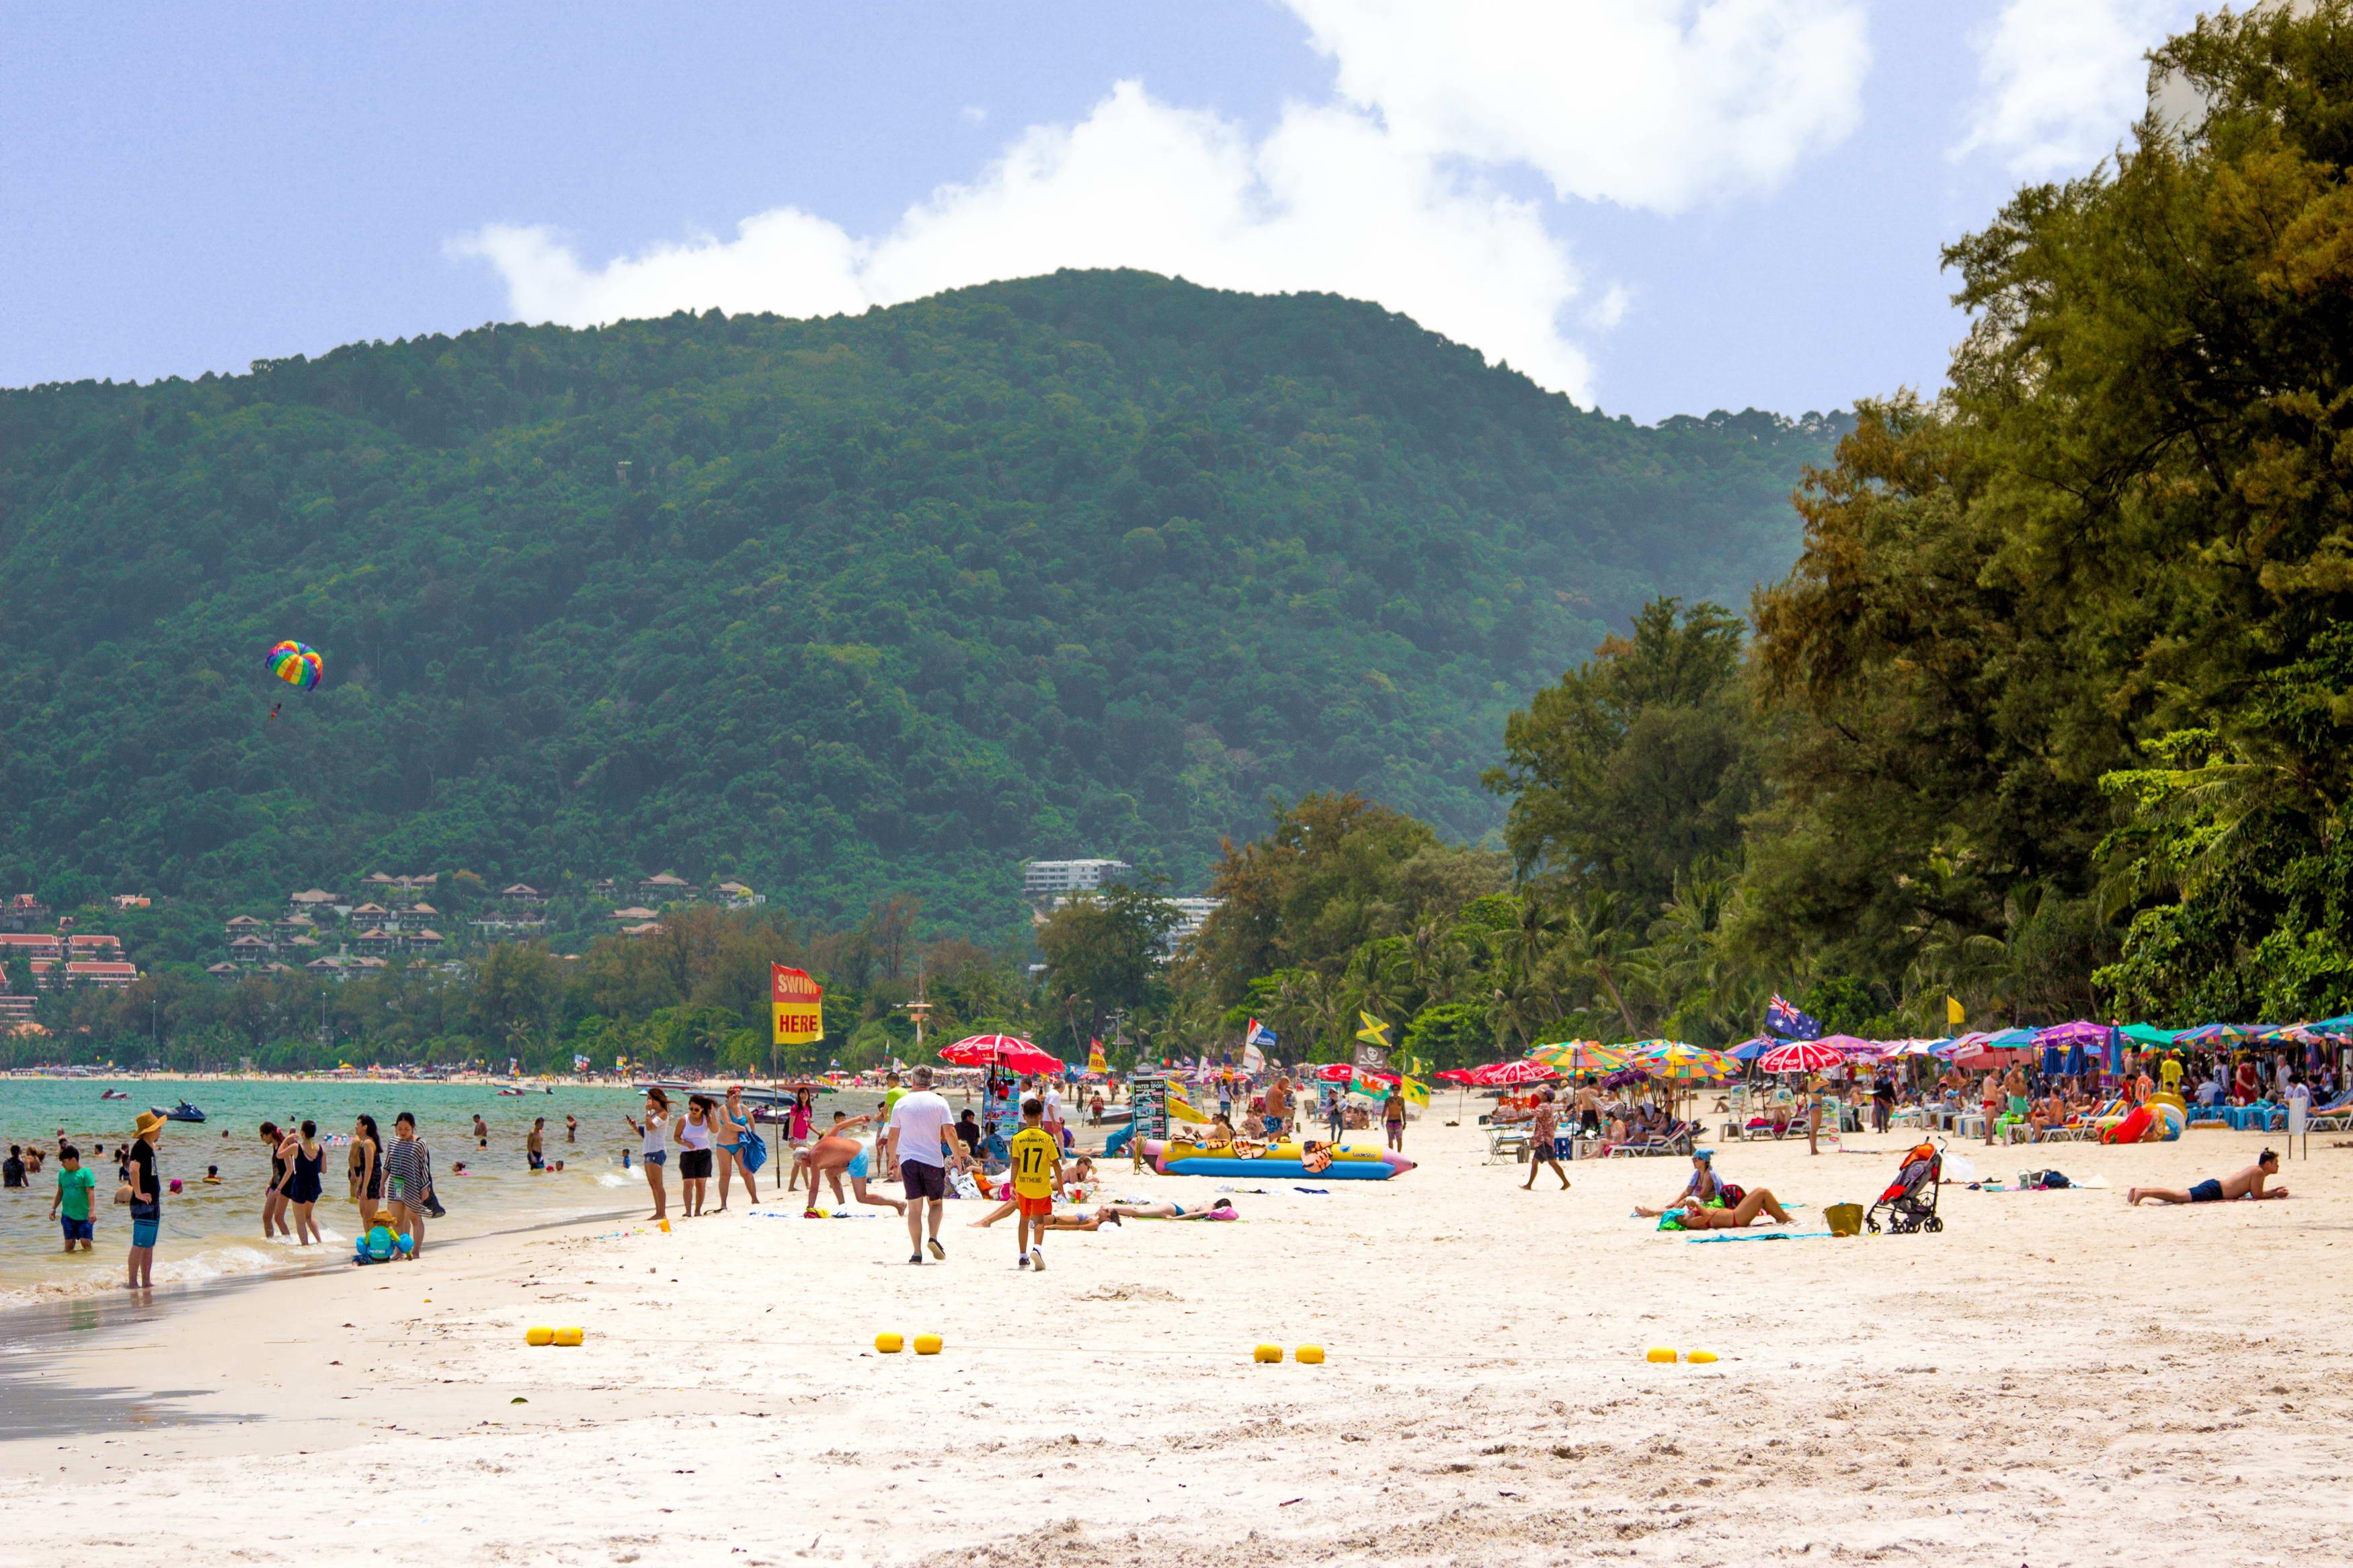 На Пхукете резко возросло количество туристов из Индии